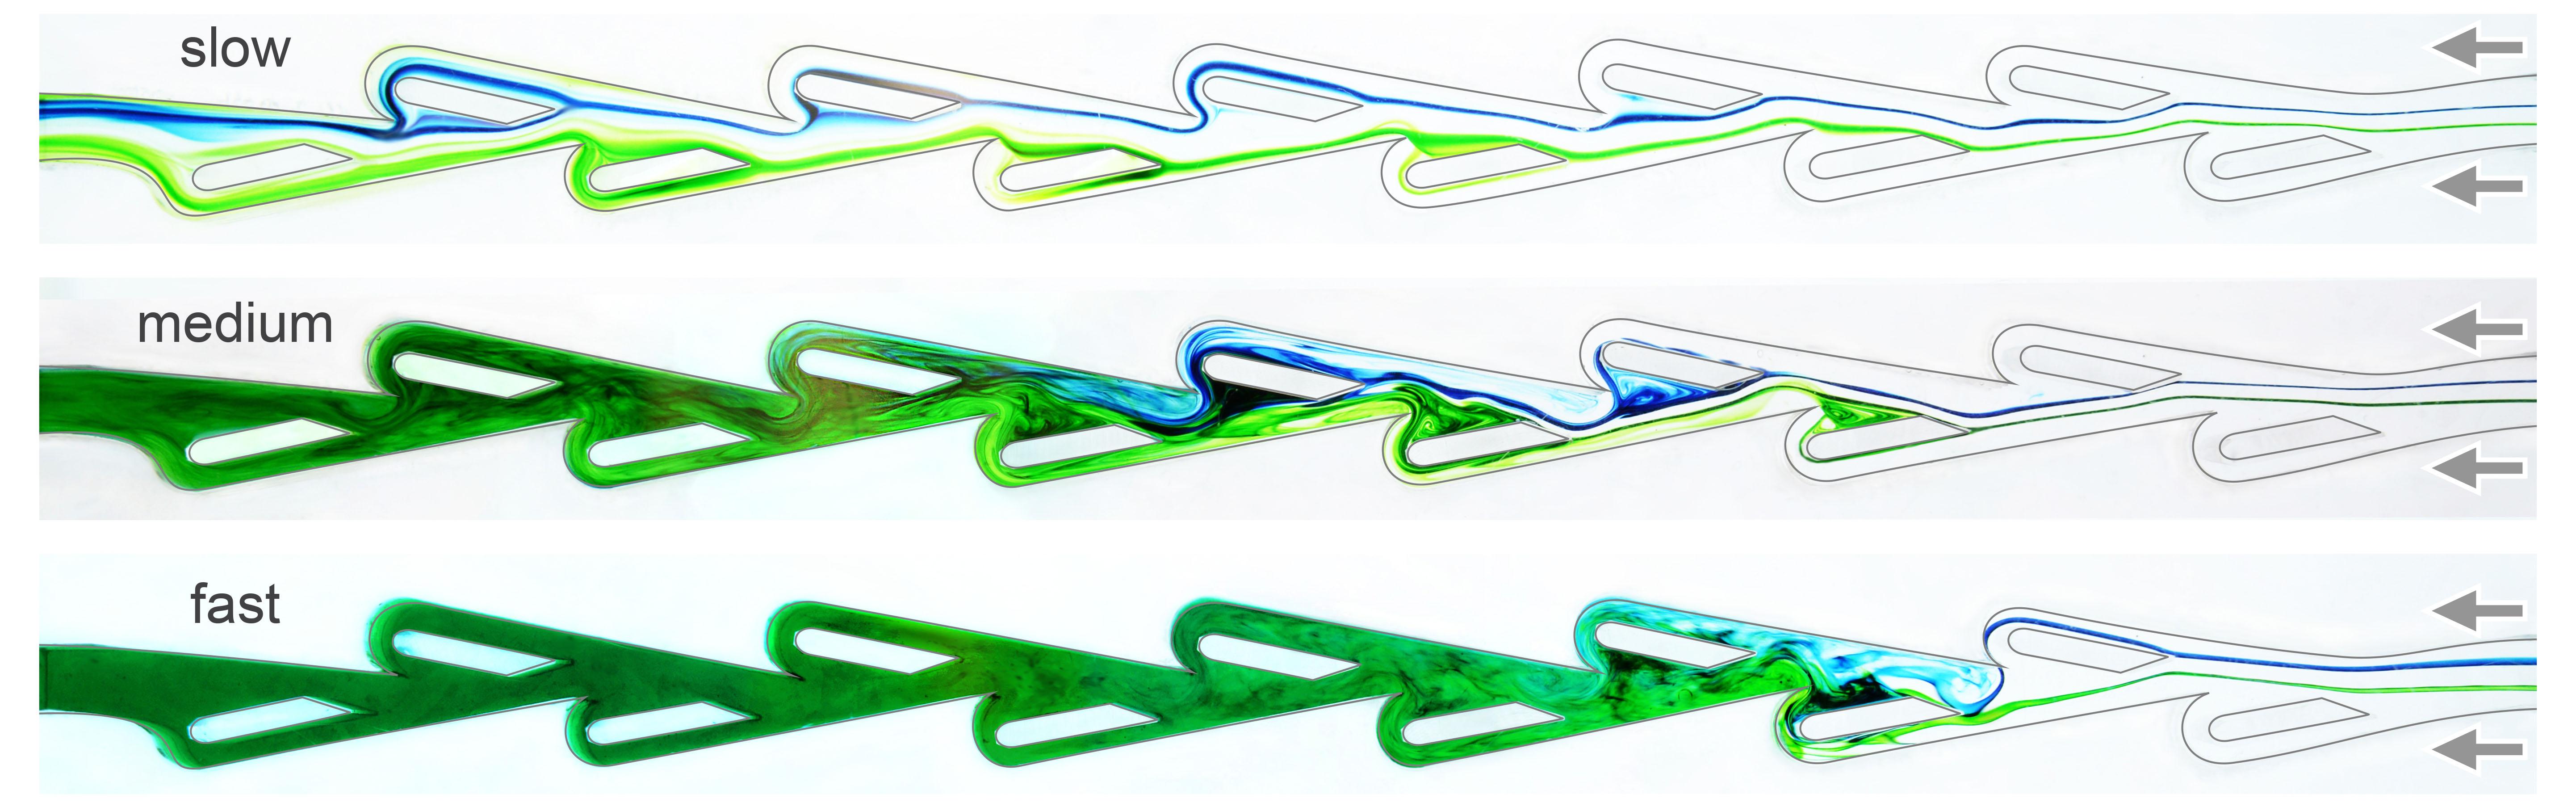 青と緑、2つの流れを逆方向にテスラバルブへ流した場合の測定。上から順に、流体の速度を増やして実験している。濃い緑色の部分は青と緑の流れが乱流となってほとんど流れていない状態。